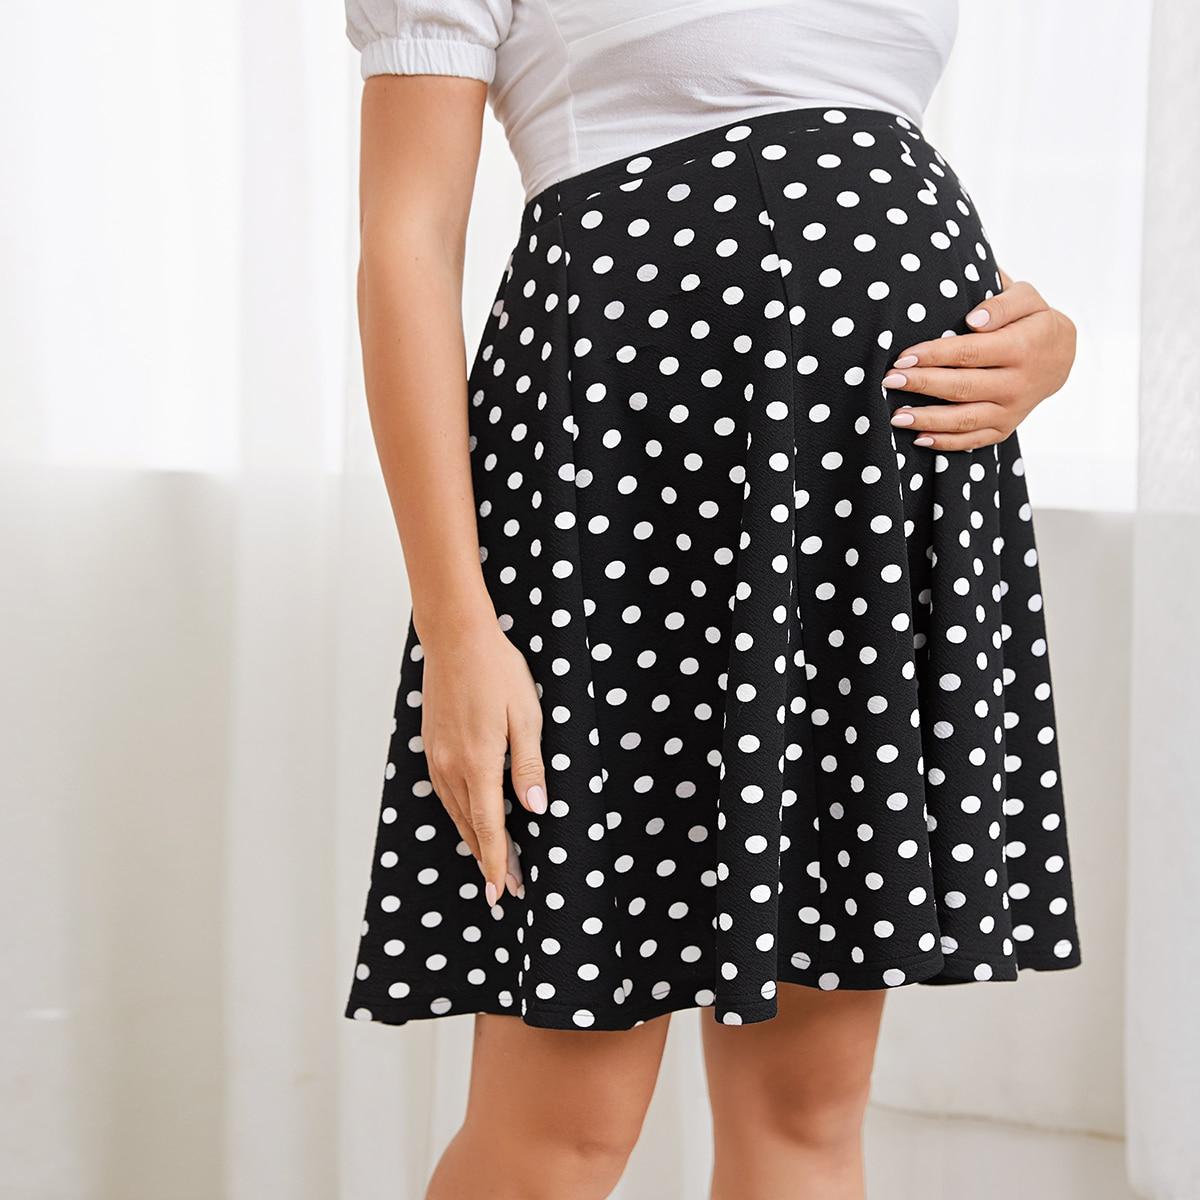 Расклешенная юбка в горошек для беременных фото